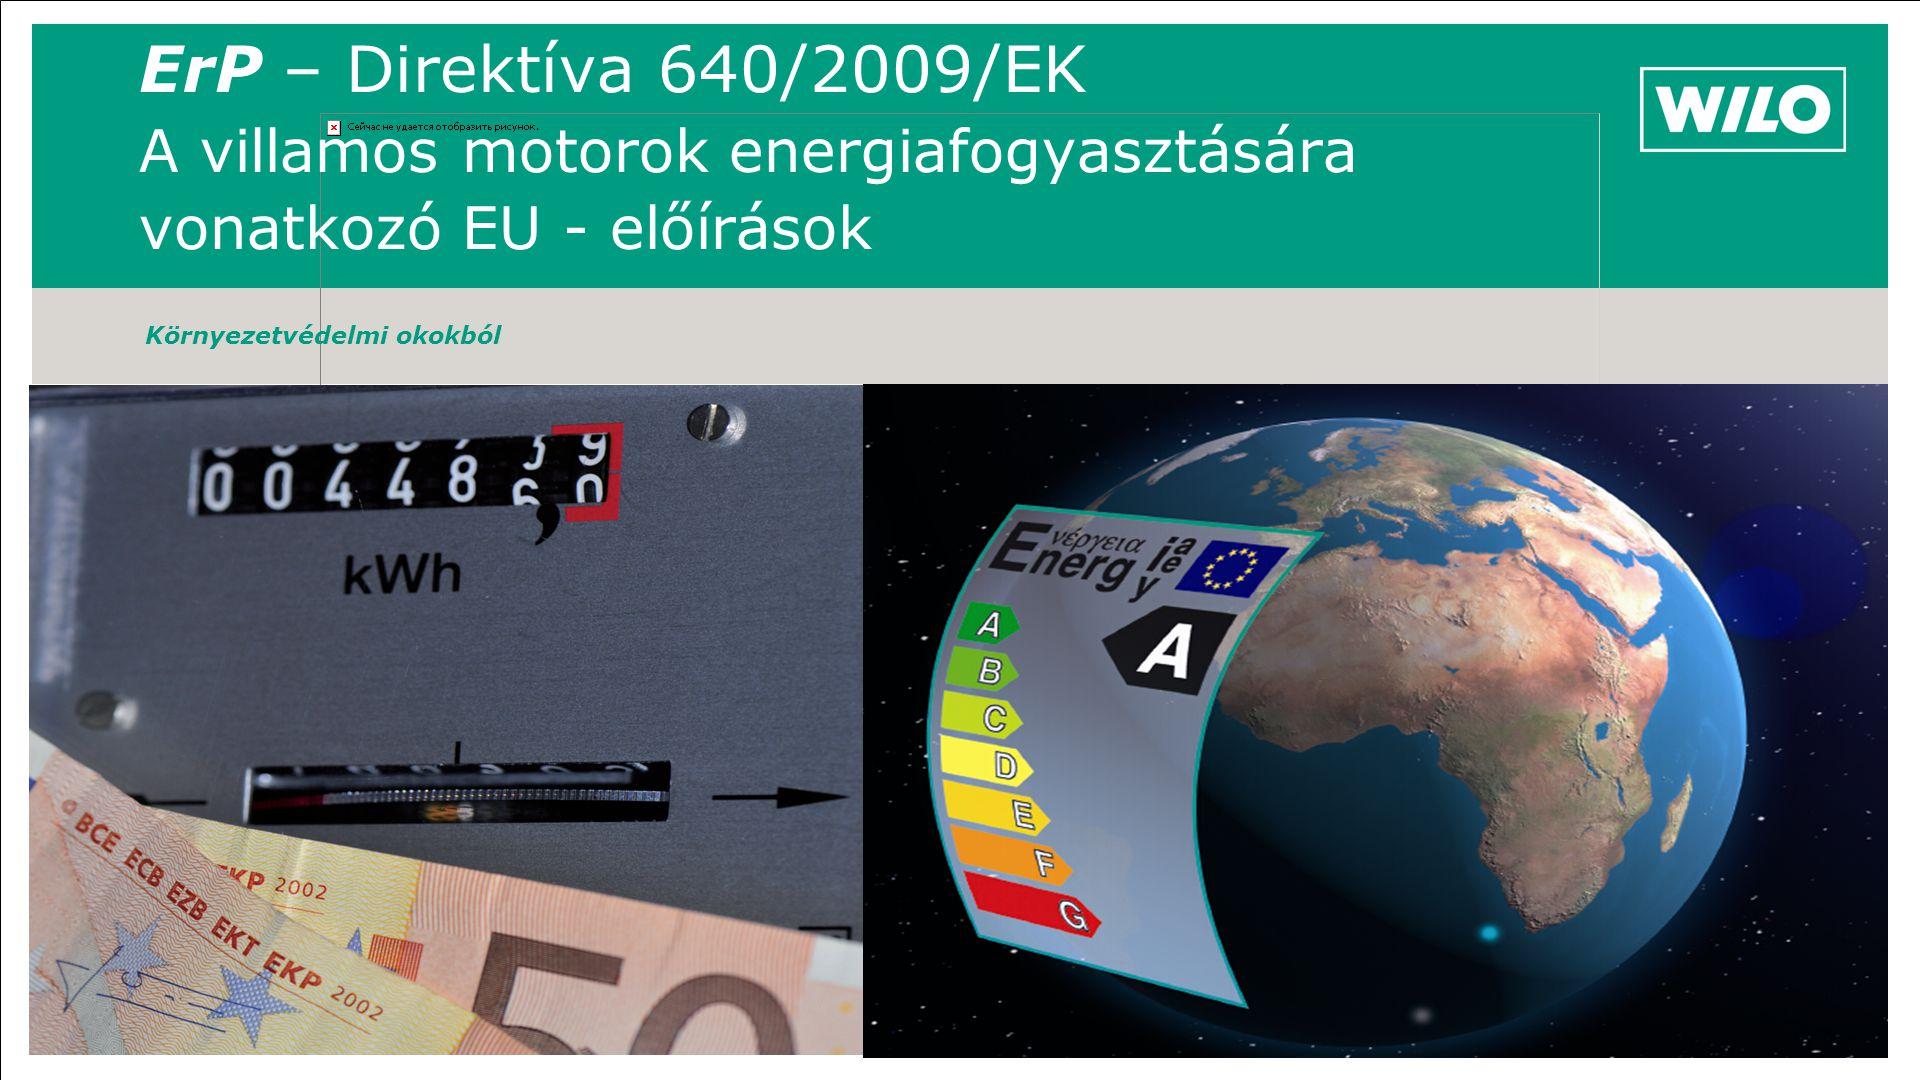 ErP – Direktíva 640/2009/EK A villamos motorok energiafogyasztására vonatkozó EU - előírások Környezetvédelmi okokból